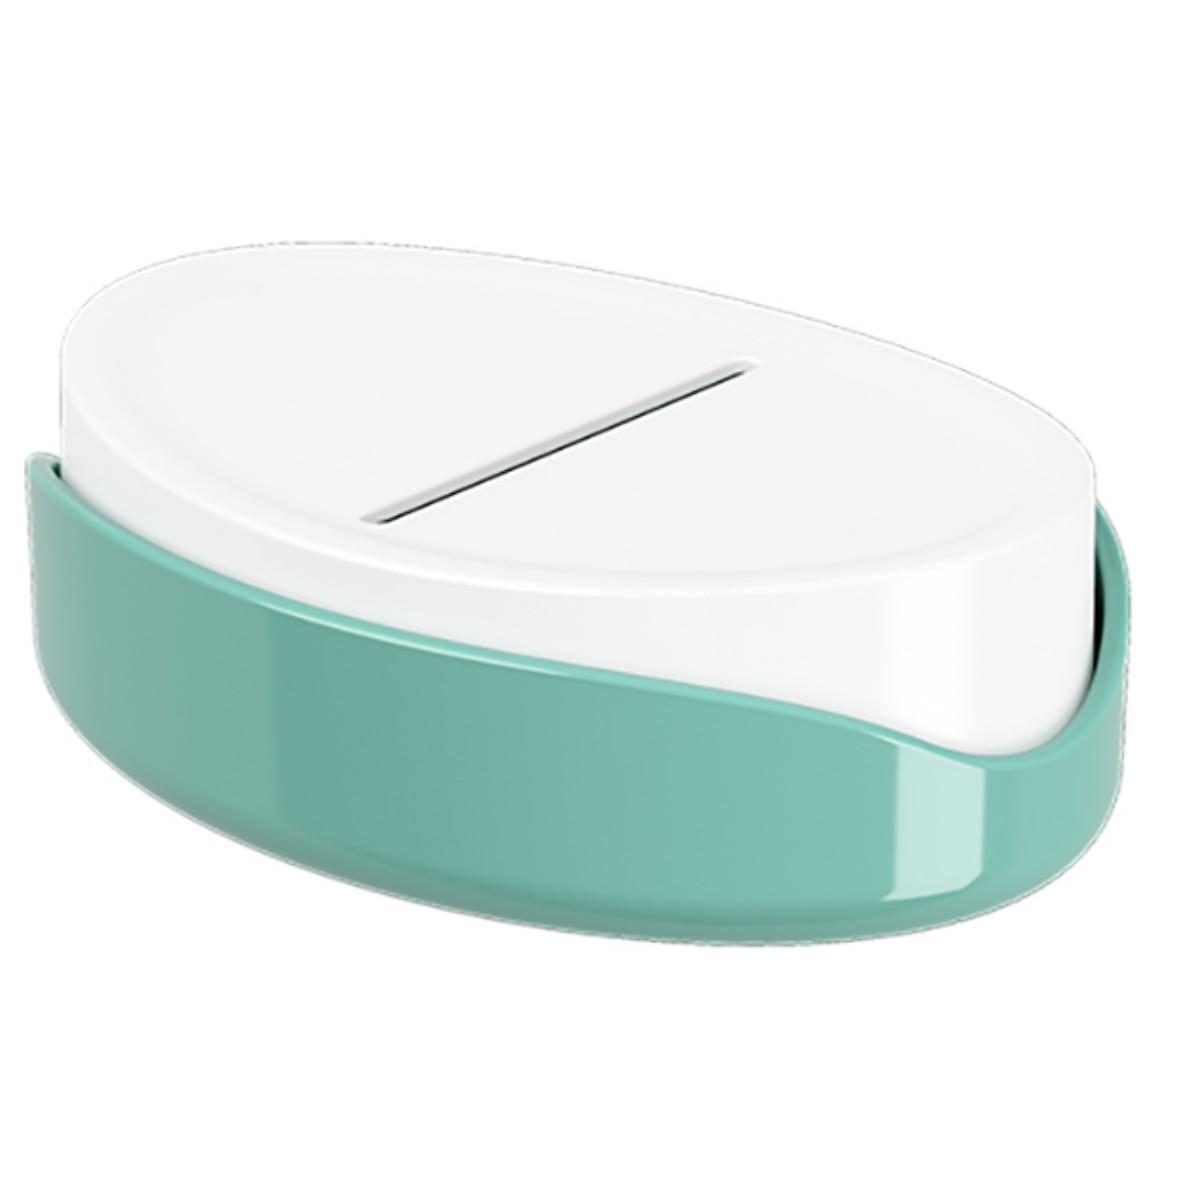 Saboneteira Bancada Plastico Oval Verde 10445 - Coza